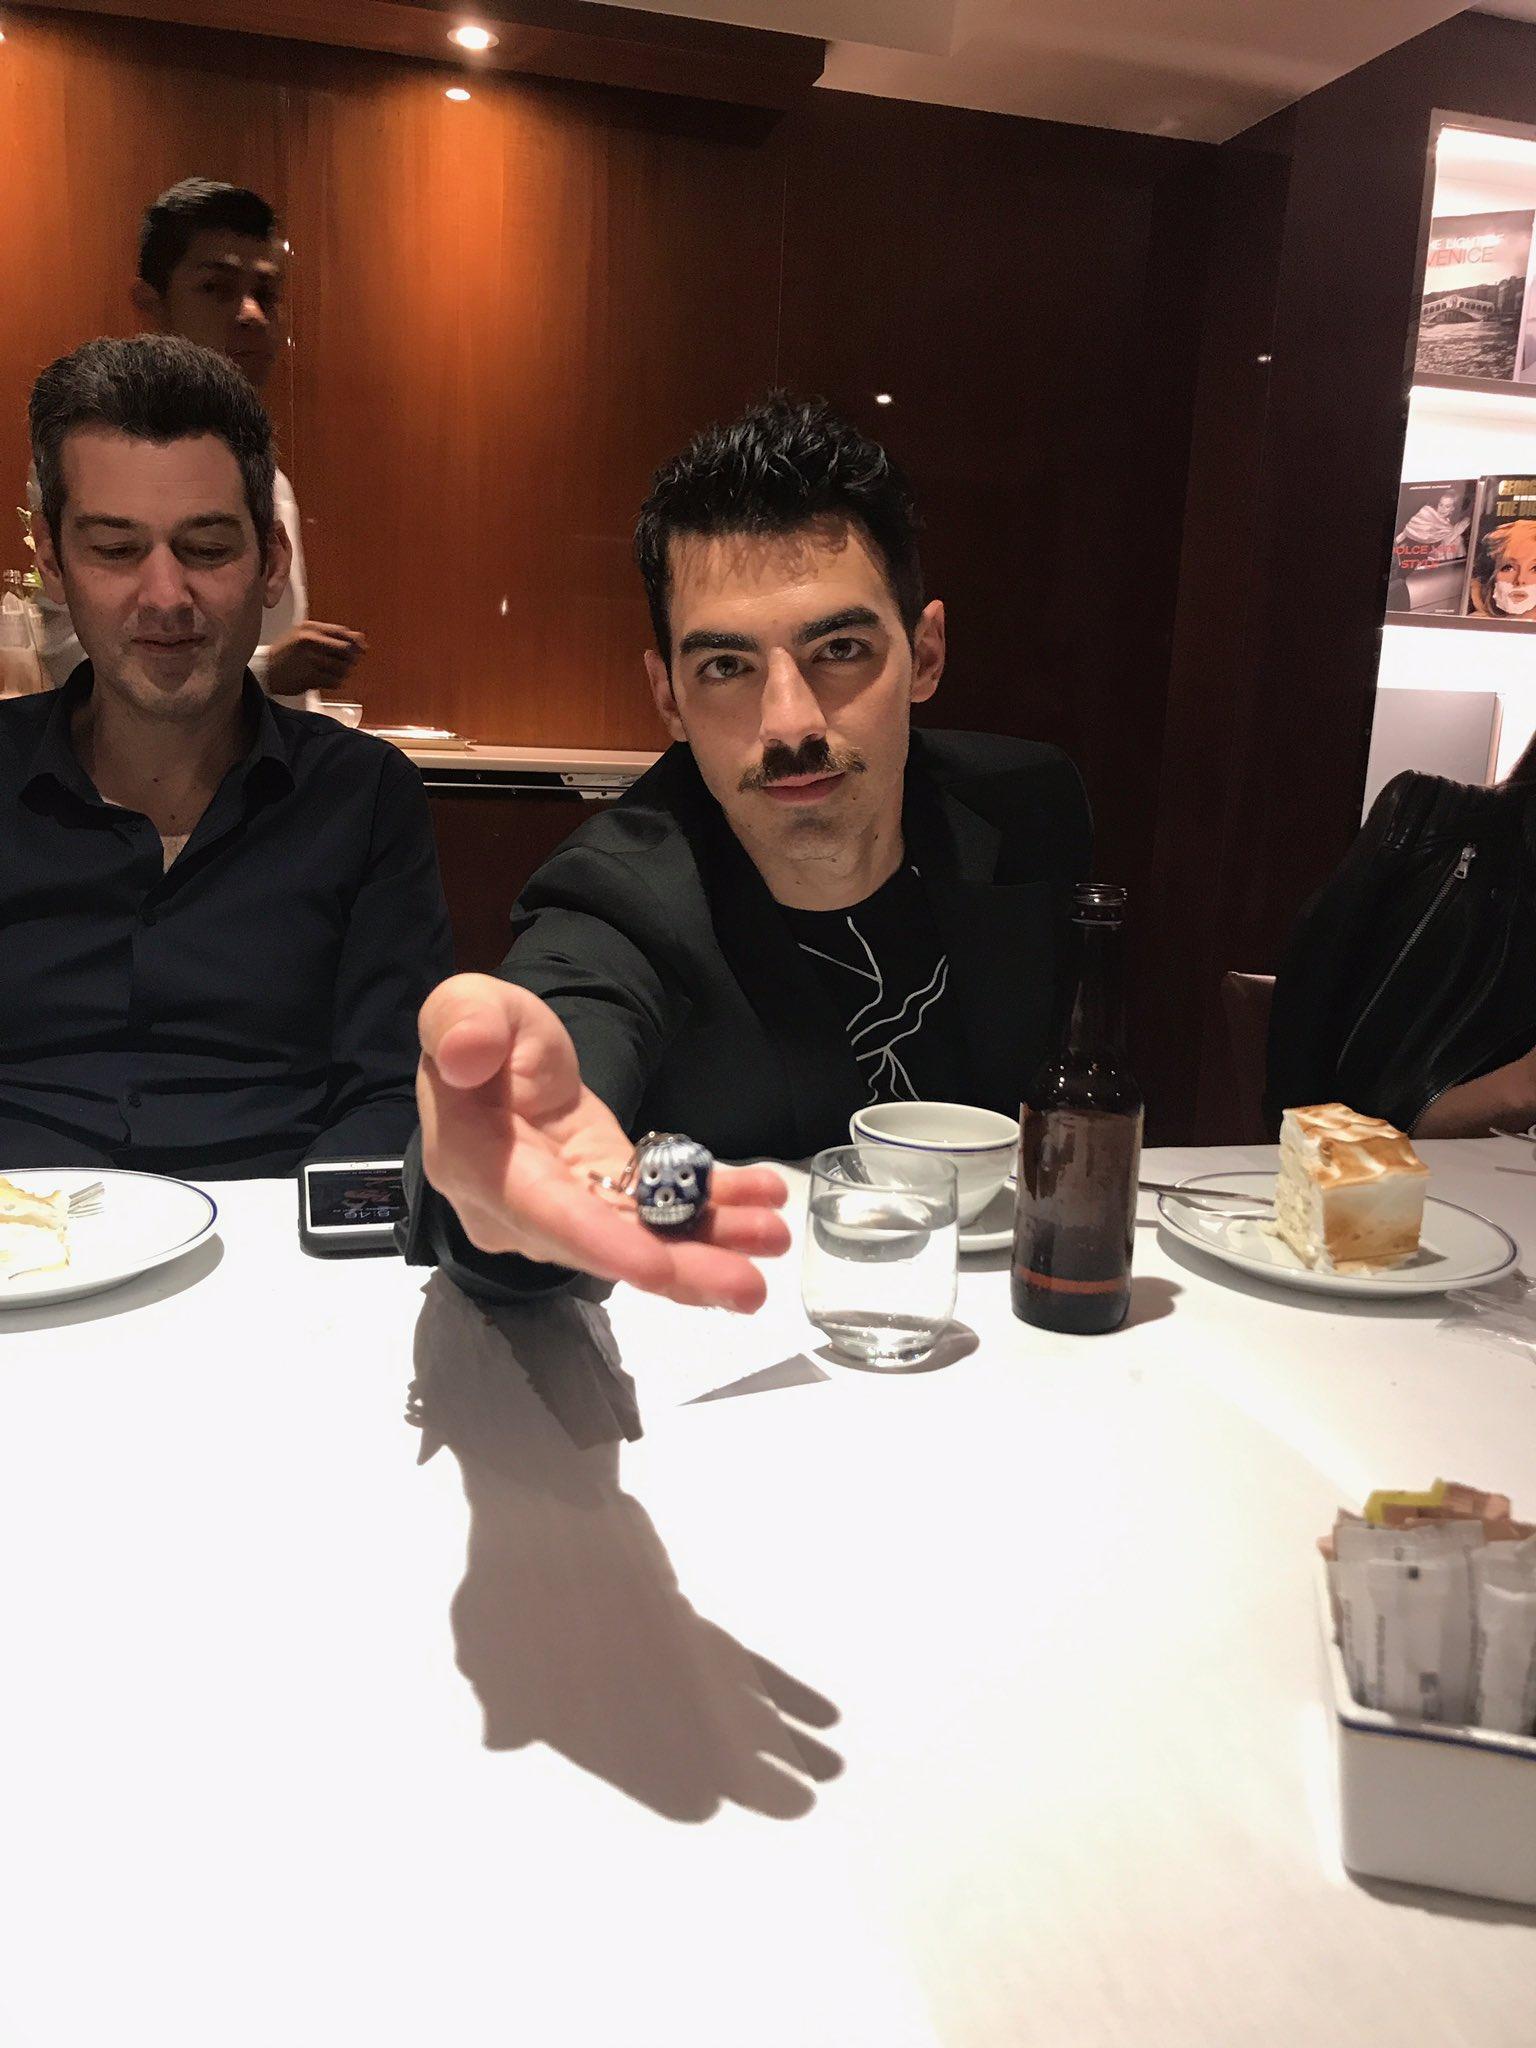 Le regalé un llavero de calavera y le pusimos Jose La Calavera ������������ https://t.co/QiKesNGWc0